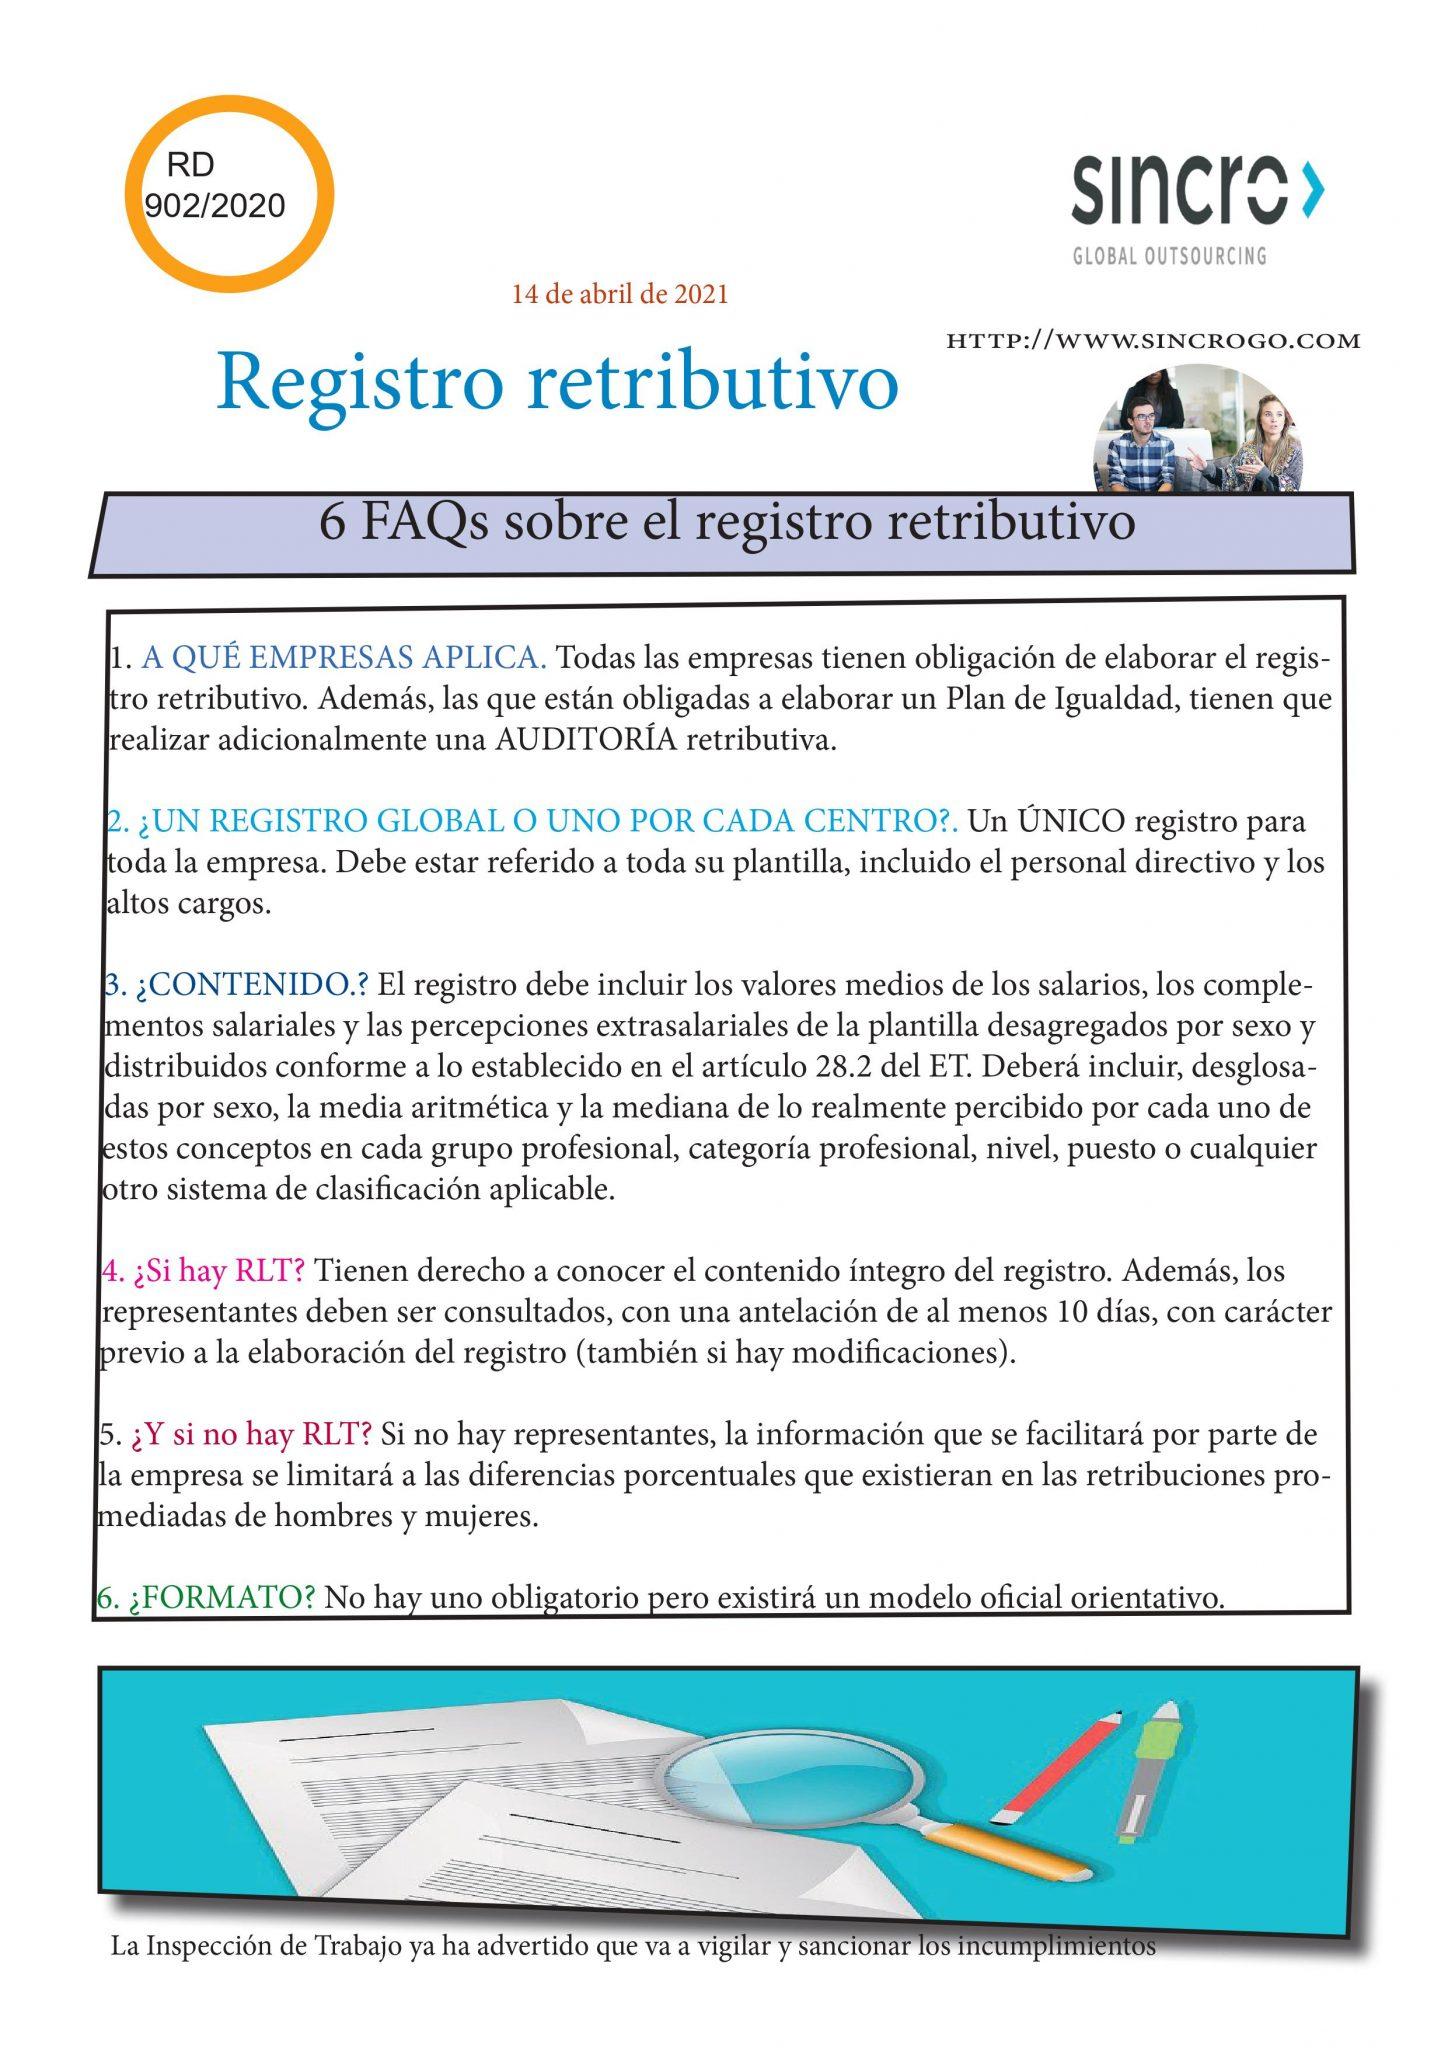 Registro Retributivo igualdad salarial